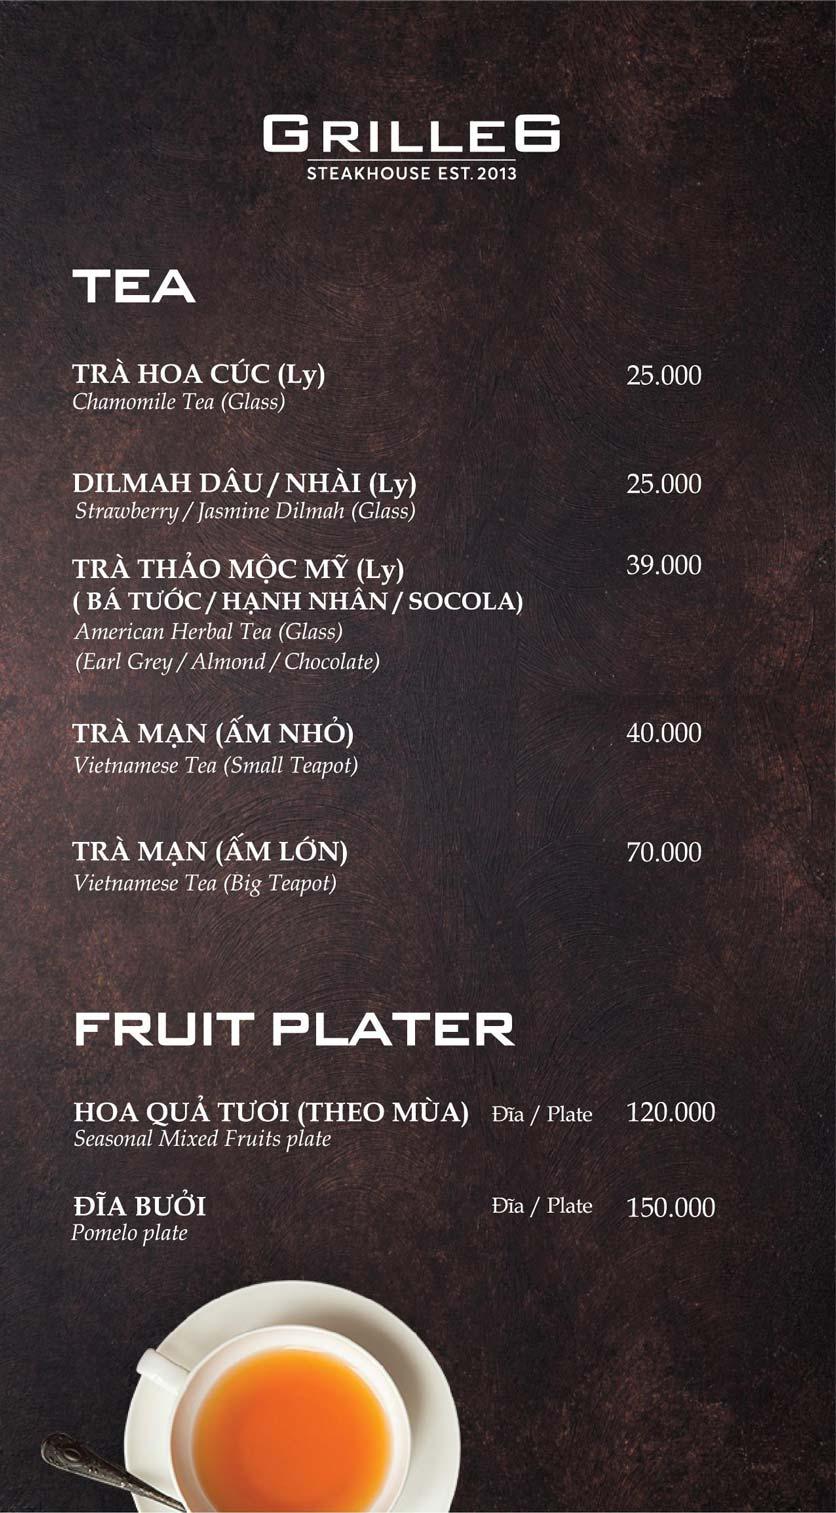 Menu GRILLE6 Steakhouse - Lê Văn Hưu 20